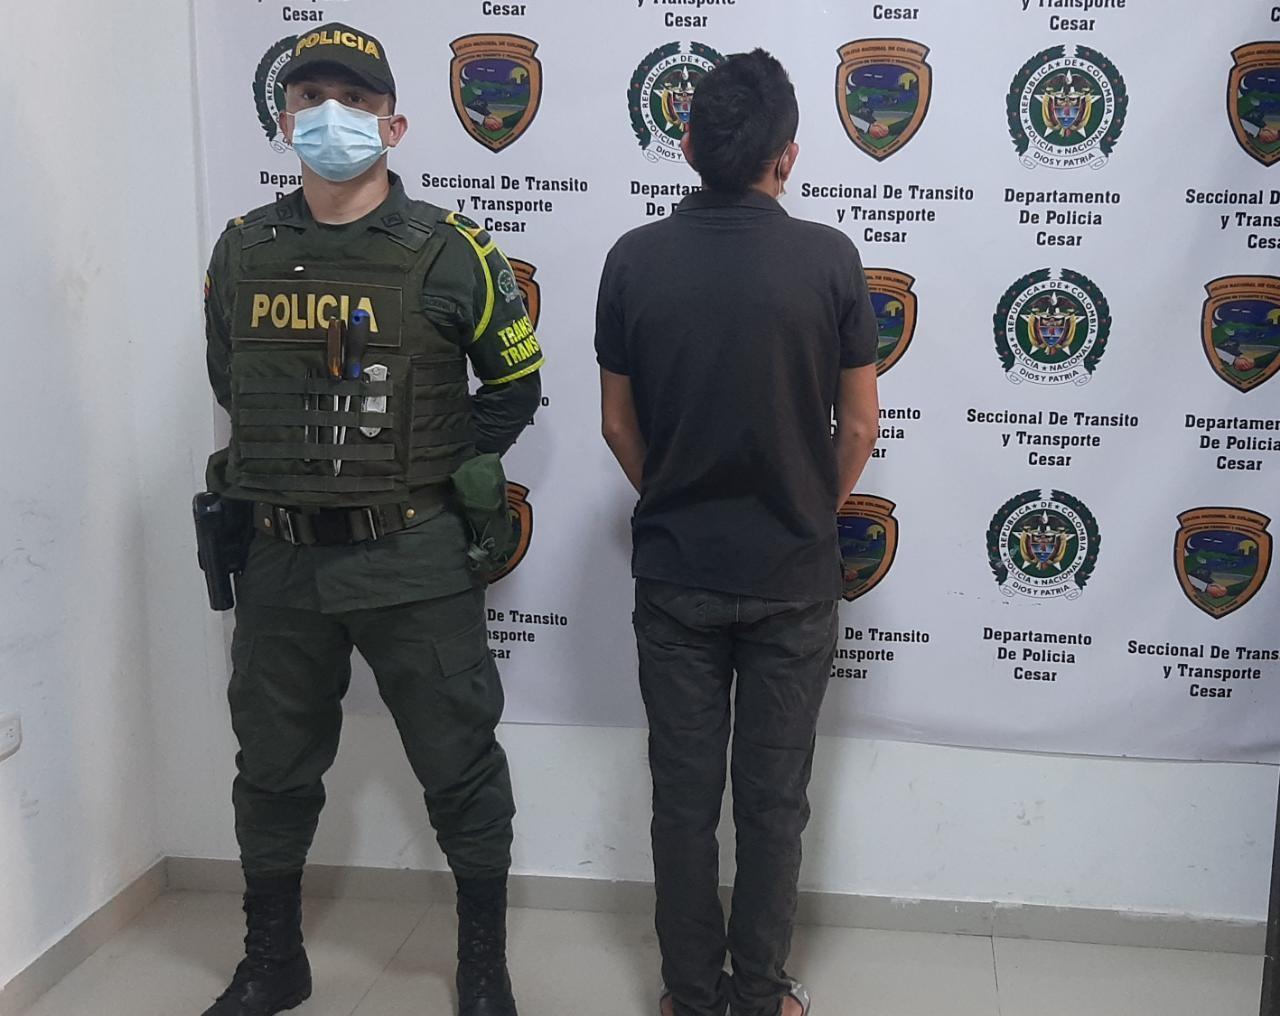 hoyennoticia.com, Por secuestro lo capturaron en Becerríl